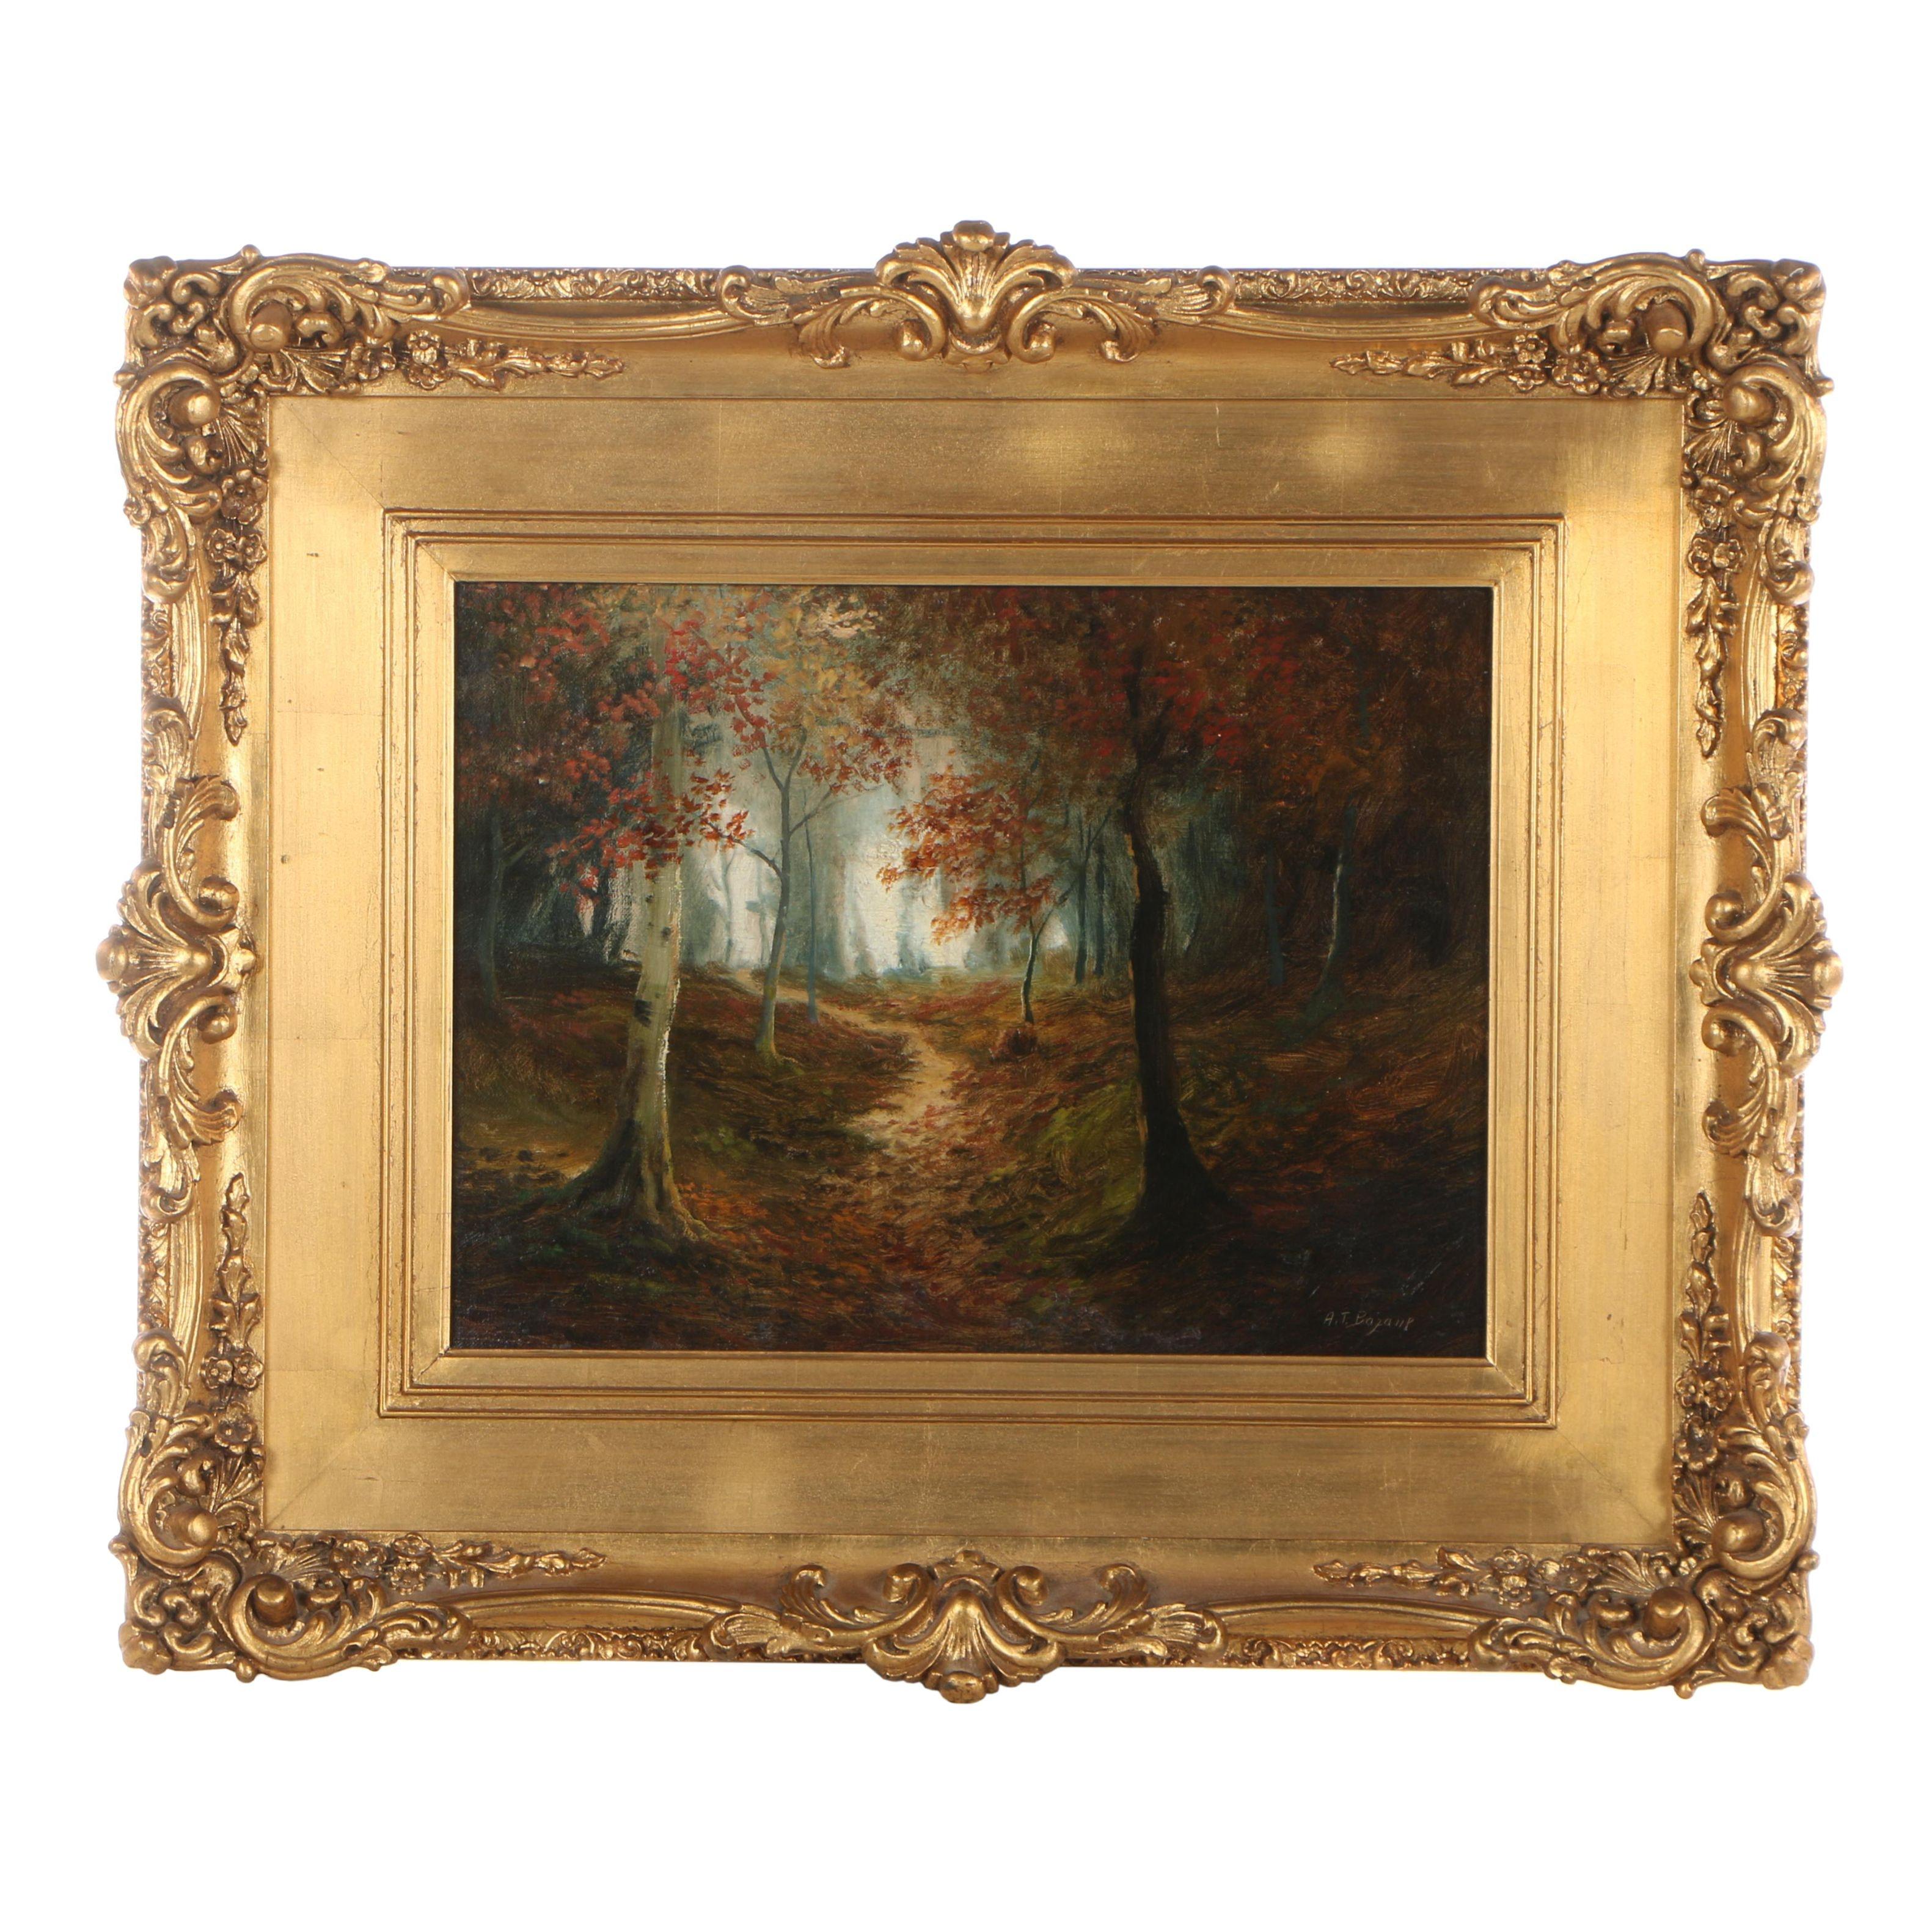 A.T. Bazane Landscape Oil Painting